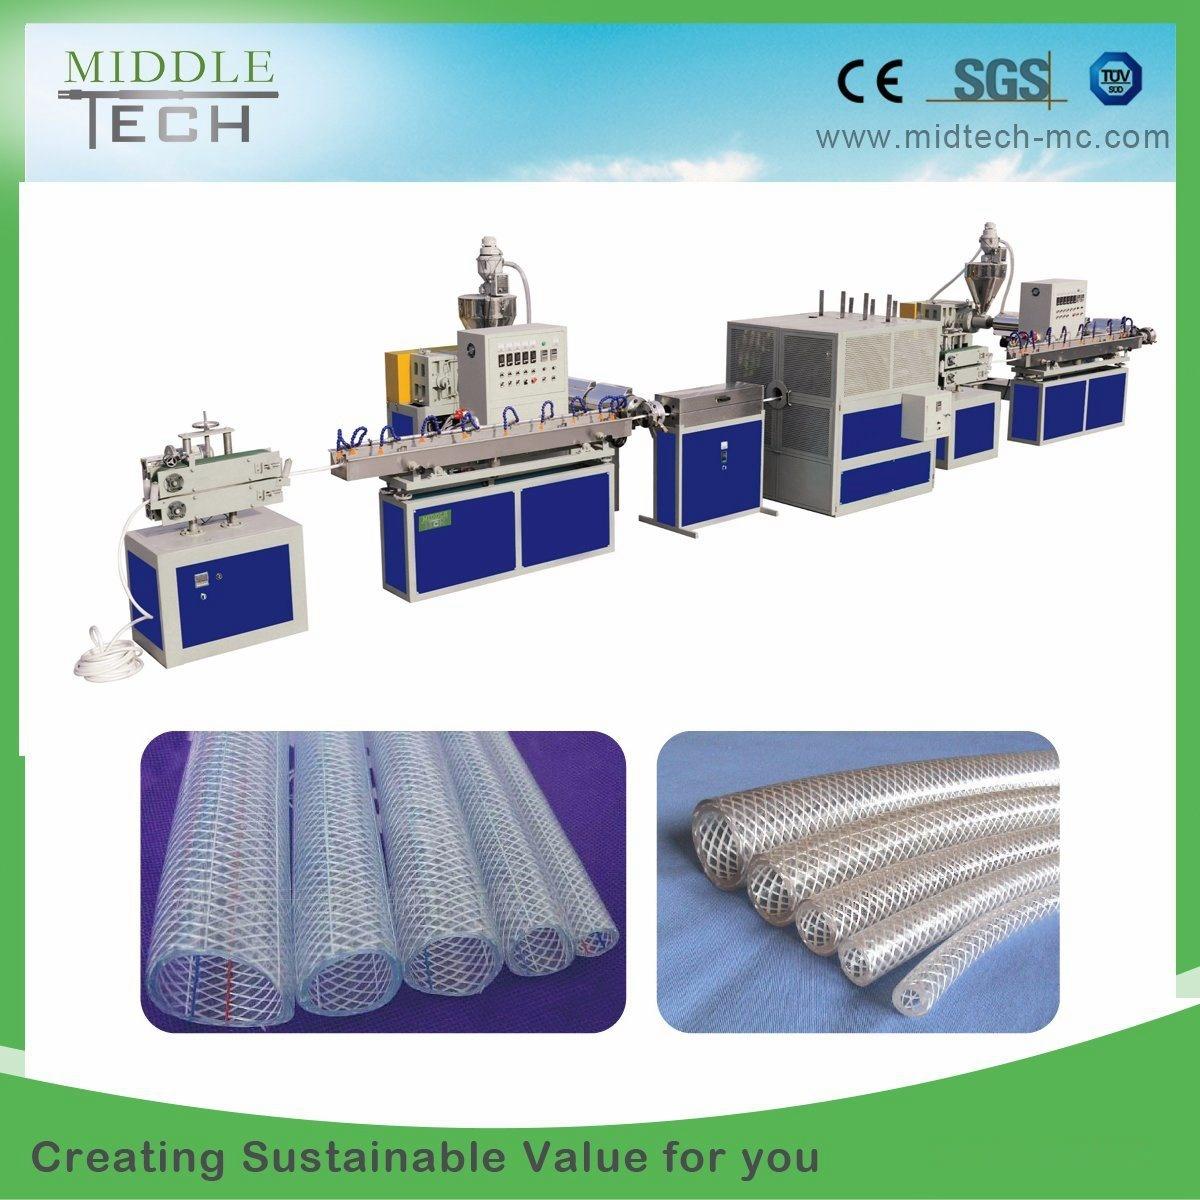 PVC Braid Reinforced Hose Production Line